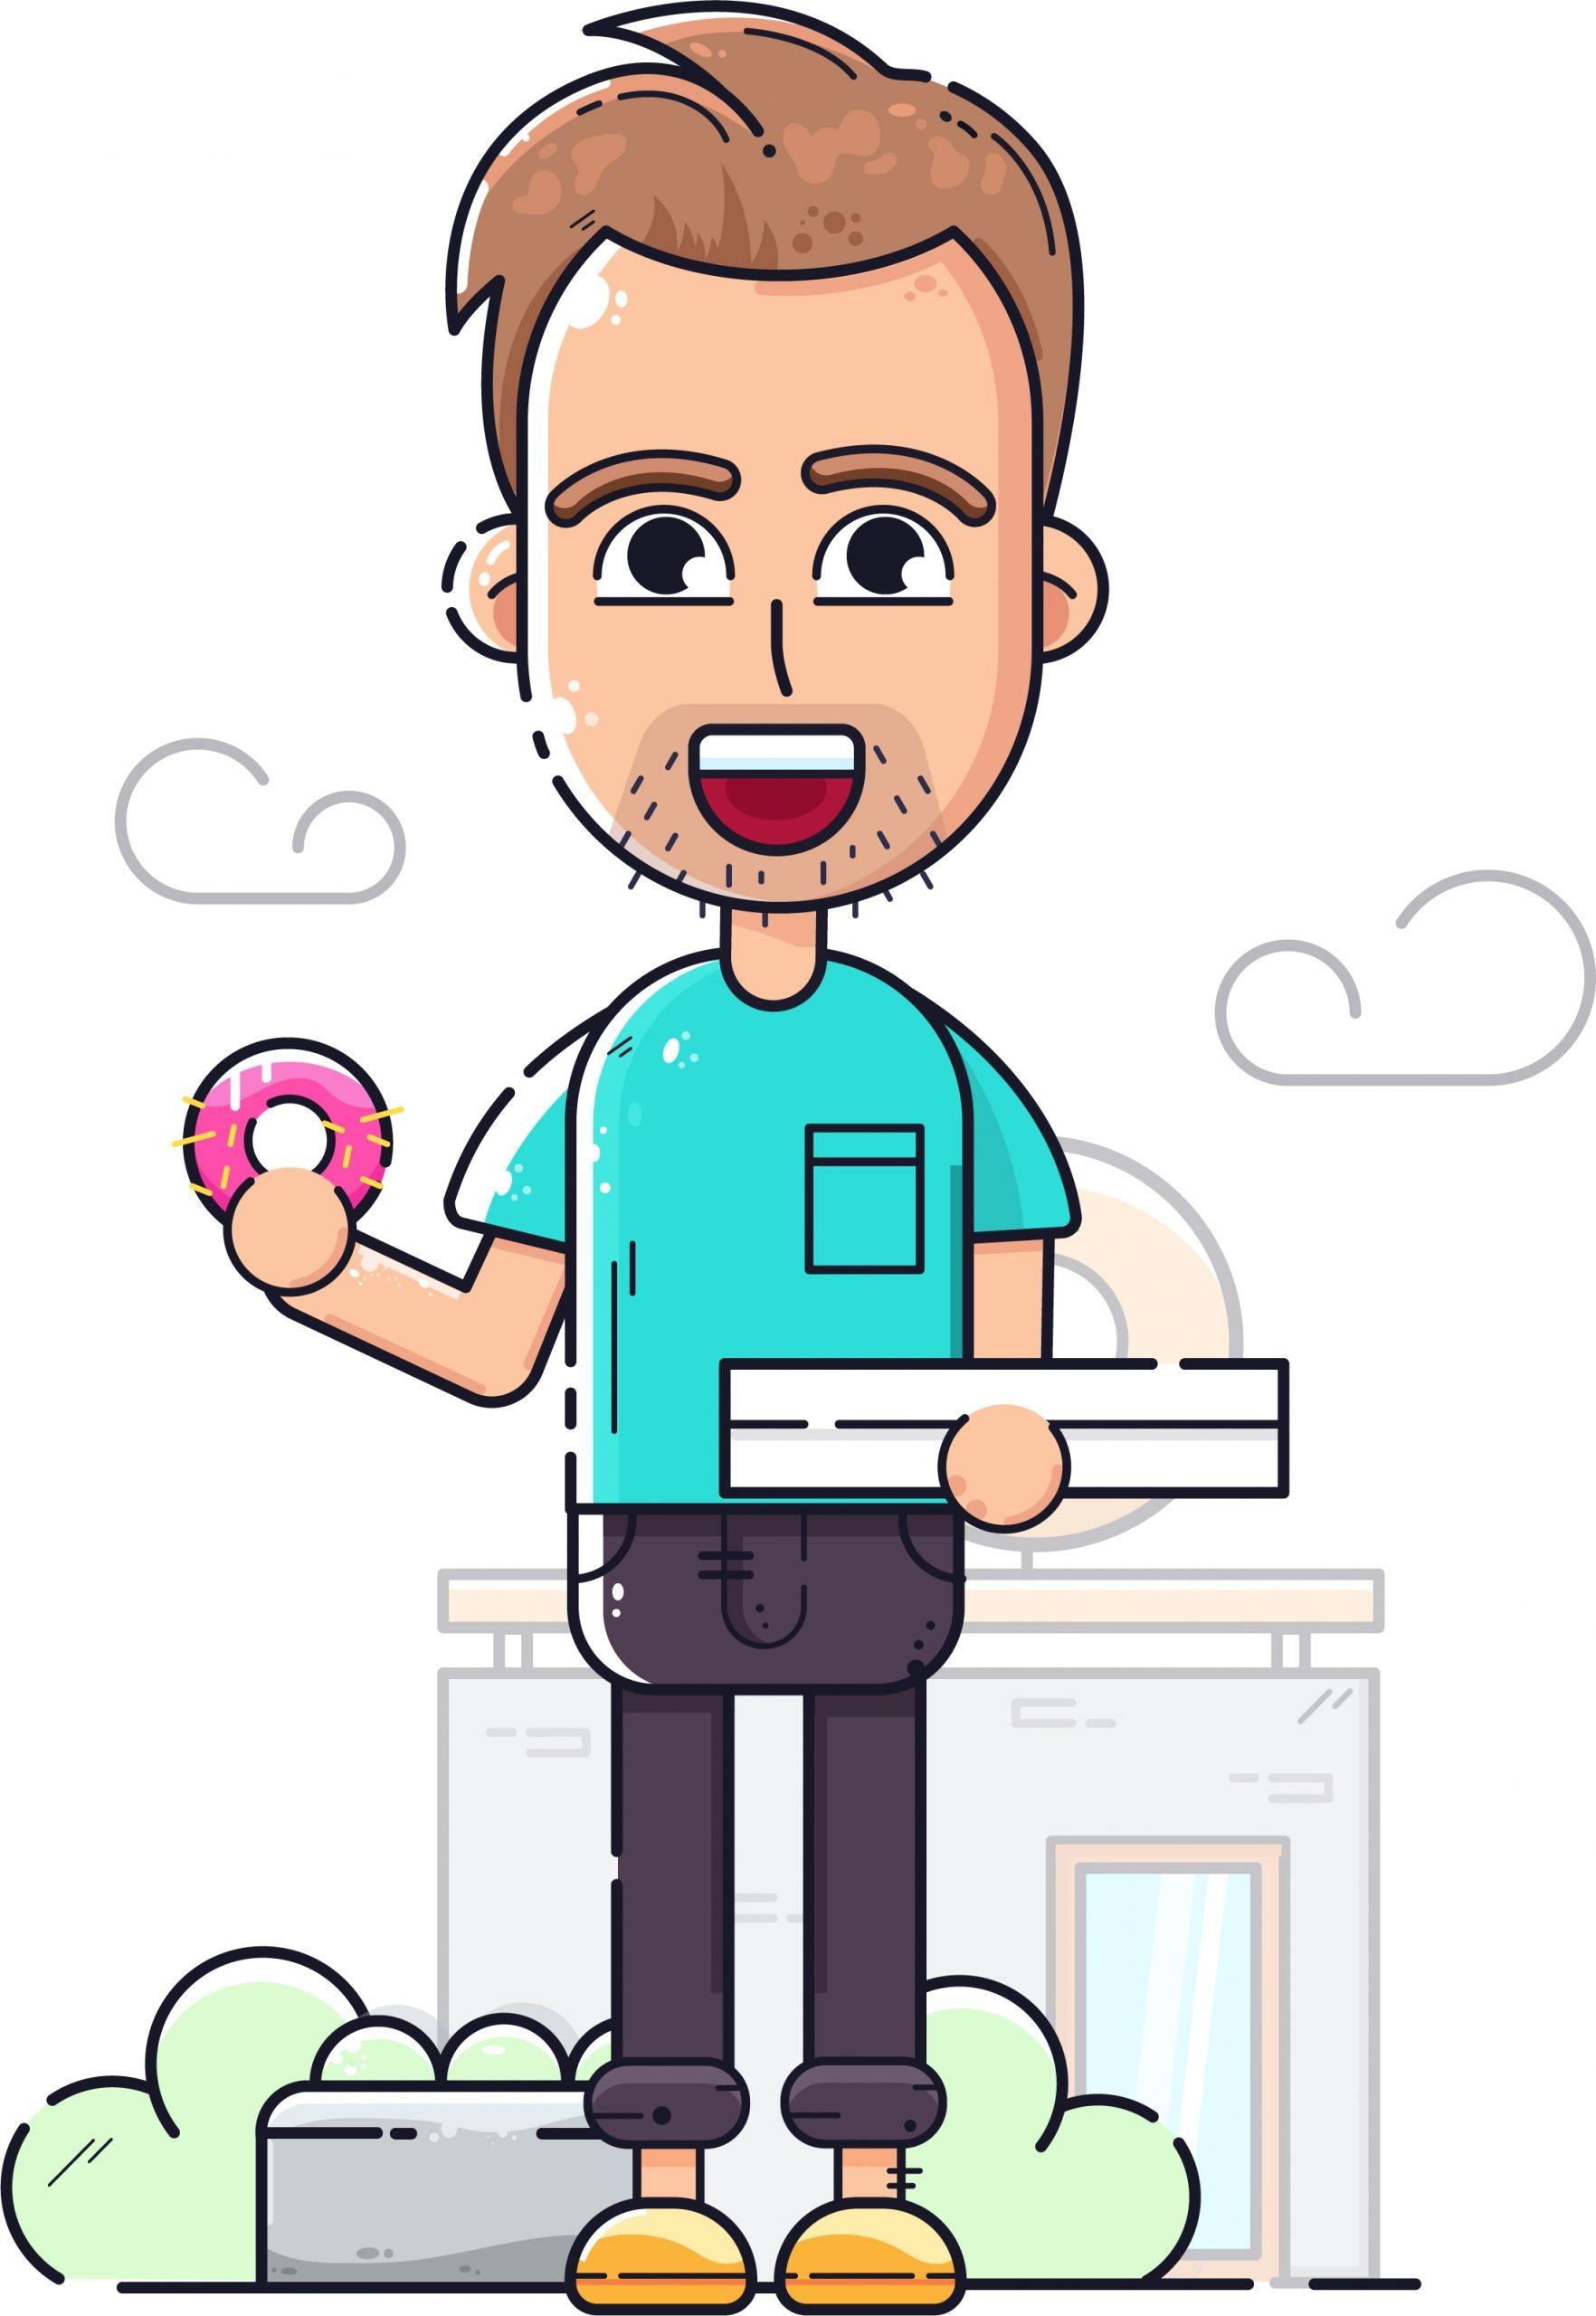 Illustration d'un jeune homme avec un beignet rose dans la main droite et une boite blanche dans la main gauche